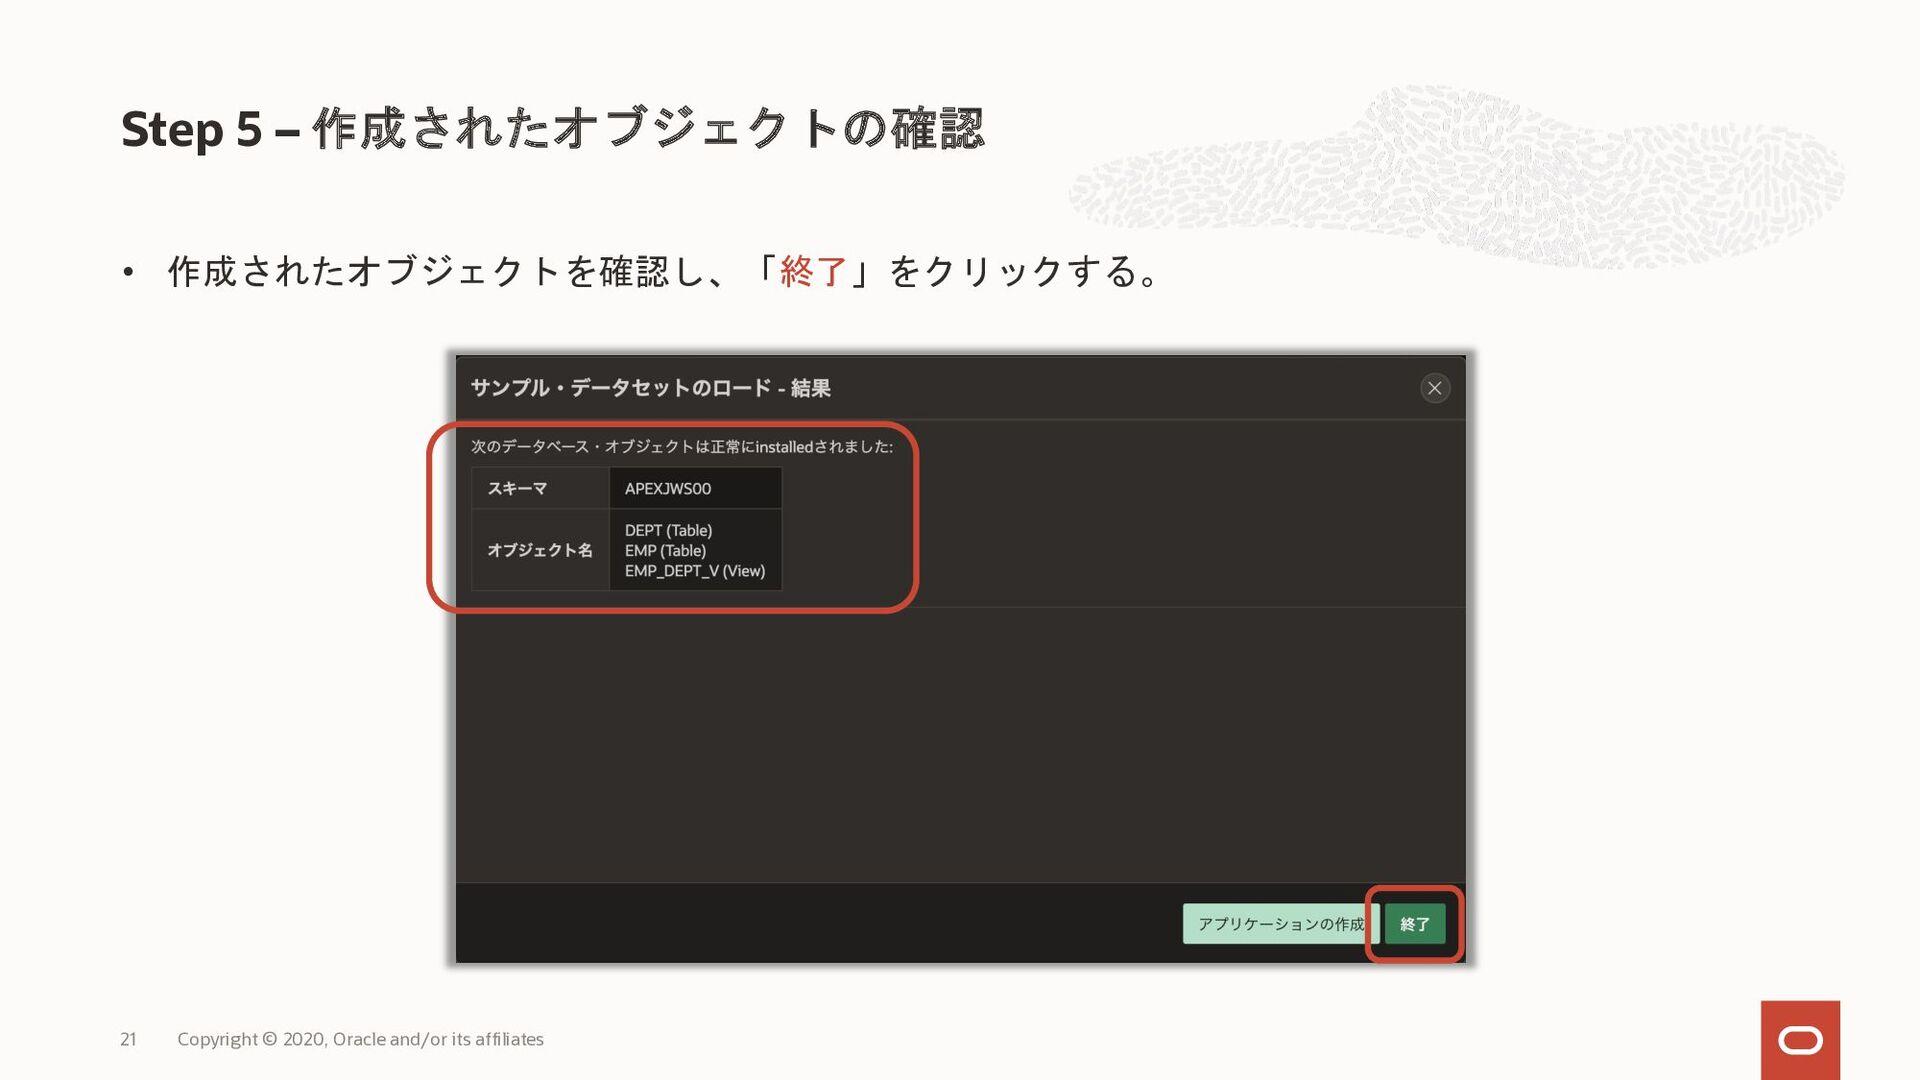 • 作成されたオブジェクトを確認し、「終了」をクリックする。 Step 5 – 作成されたオブ...